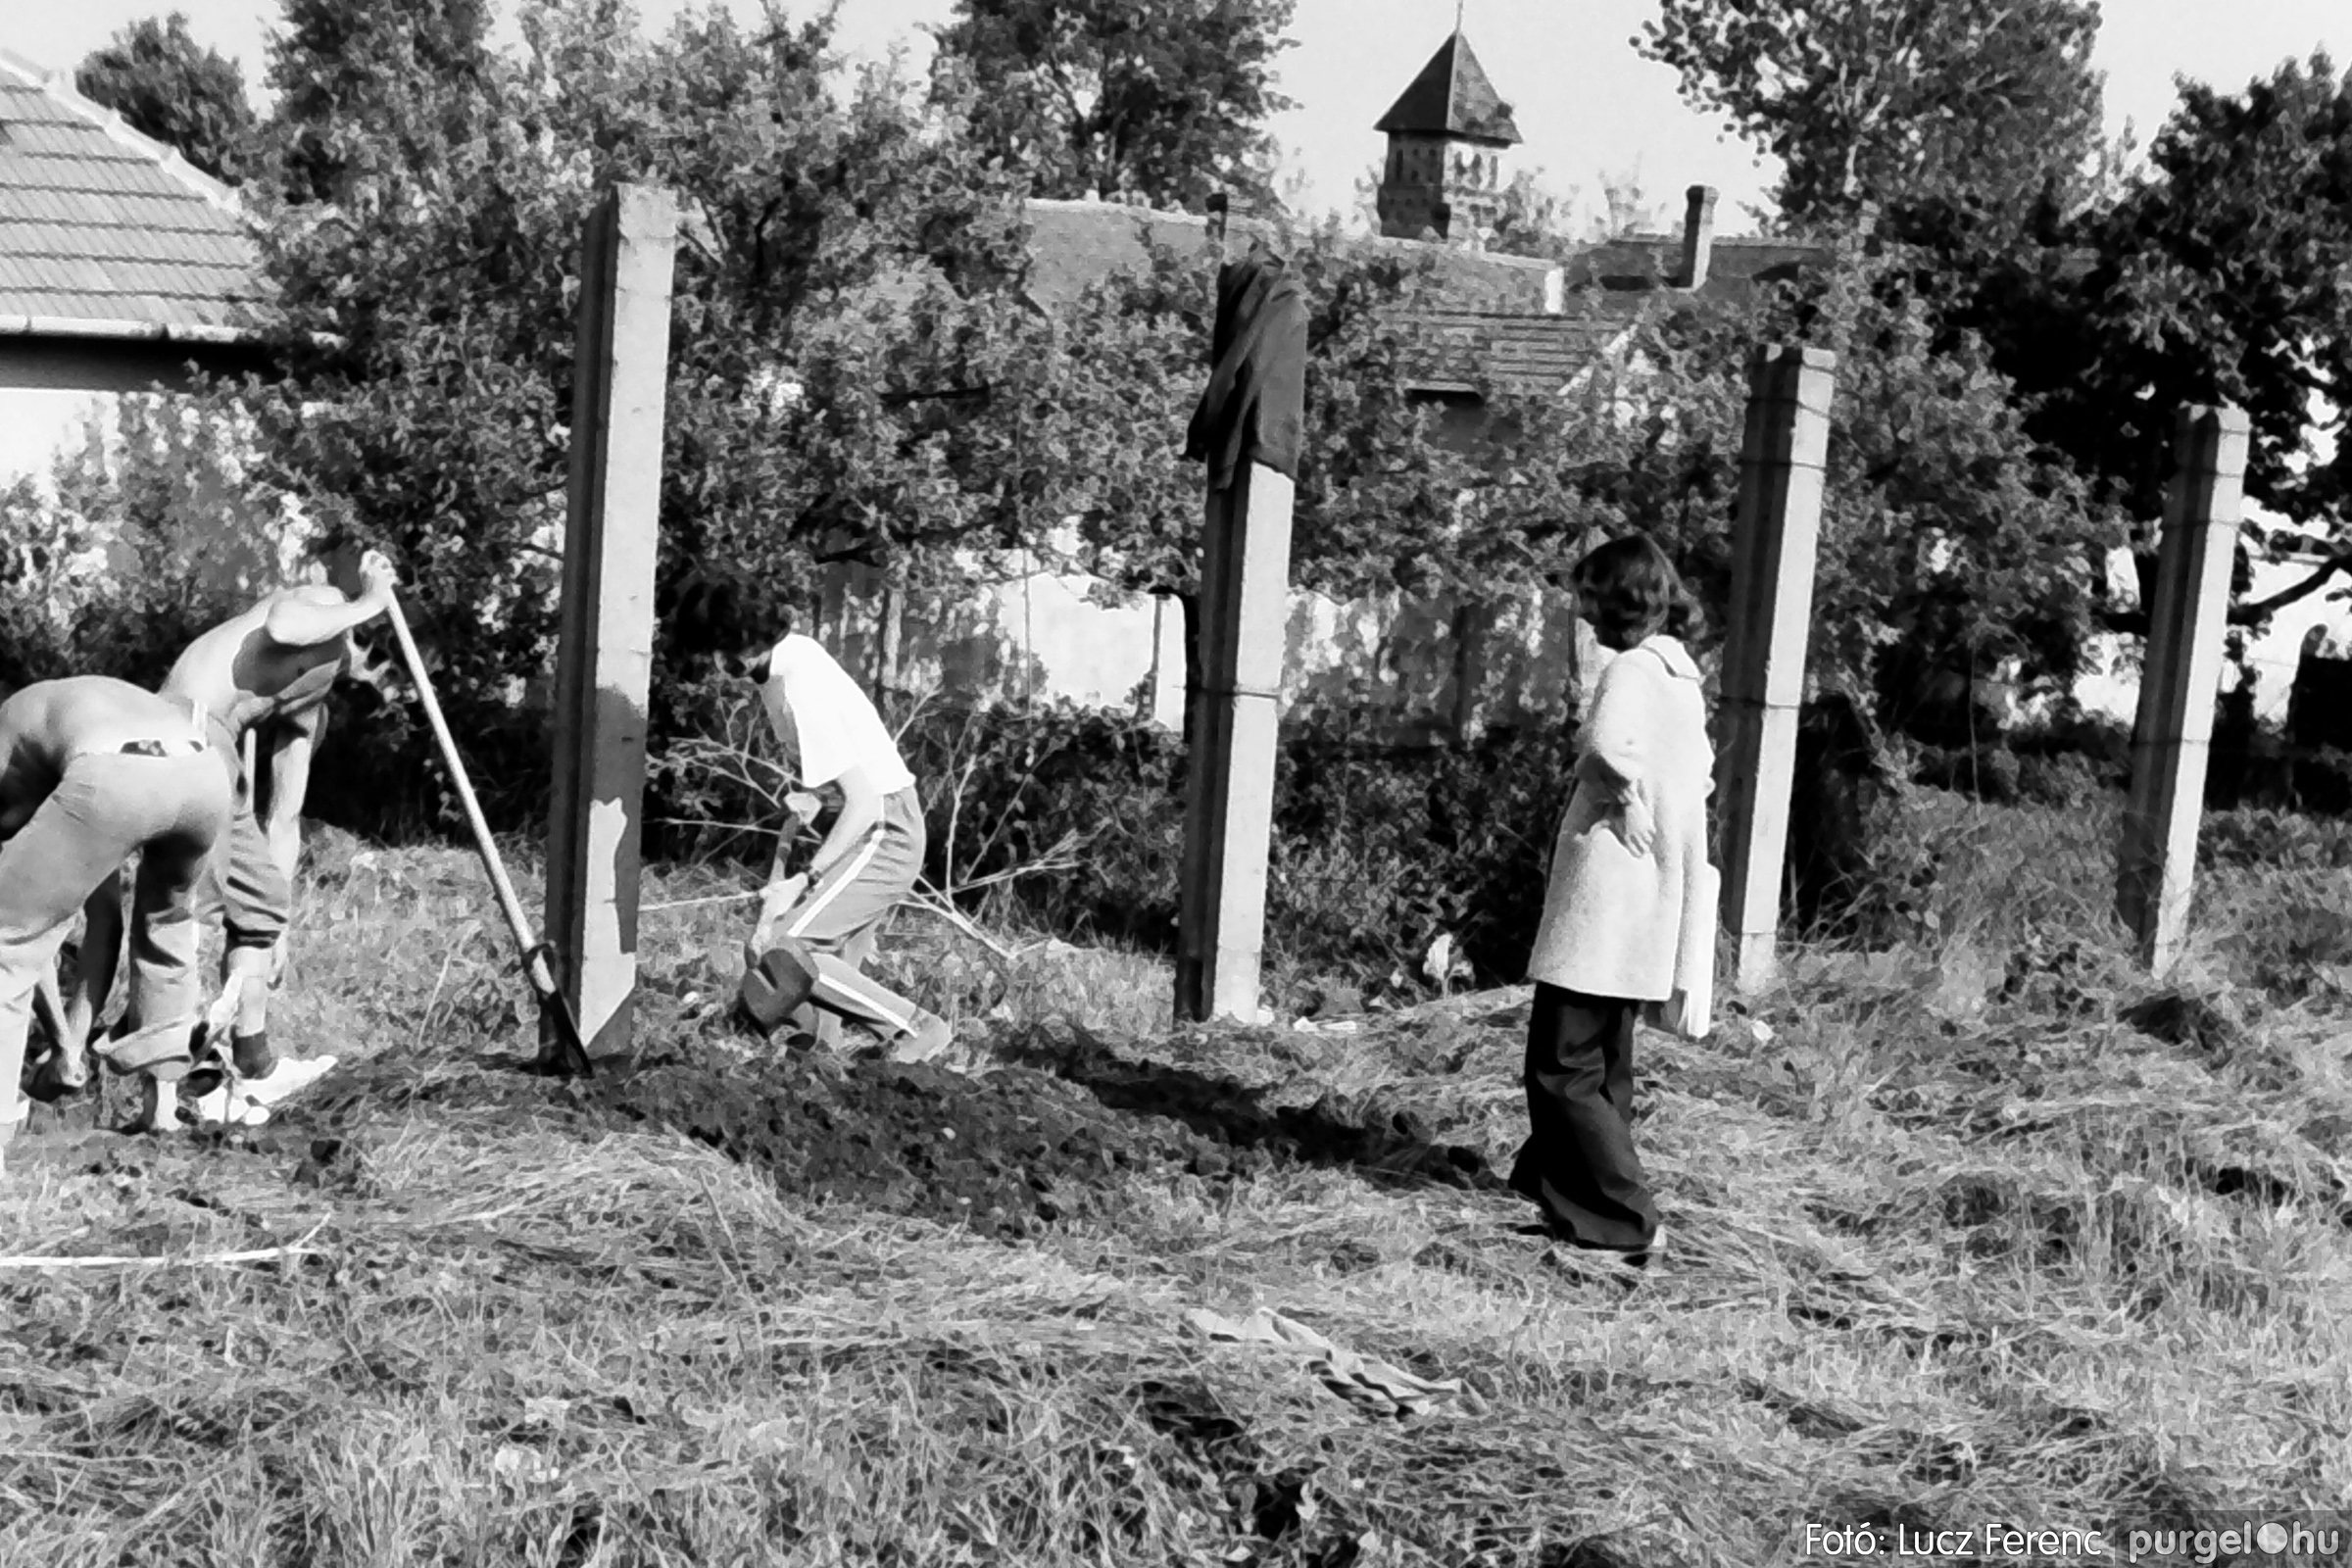 048, 051. 1976. Társadalmi munka 012. - Fotó: Lucz Ferenc.jpg